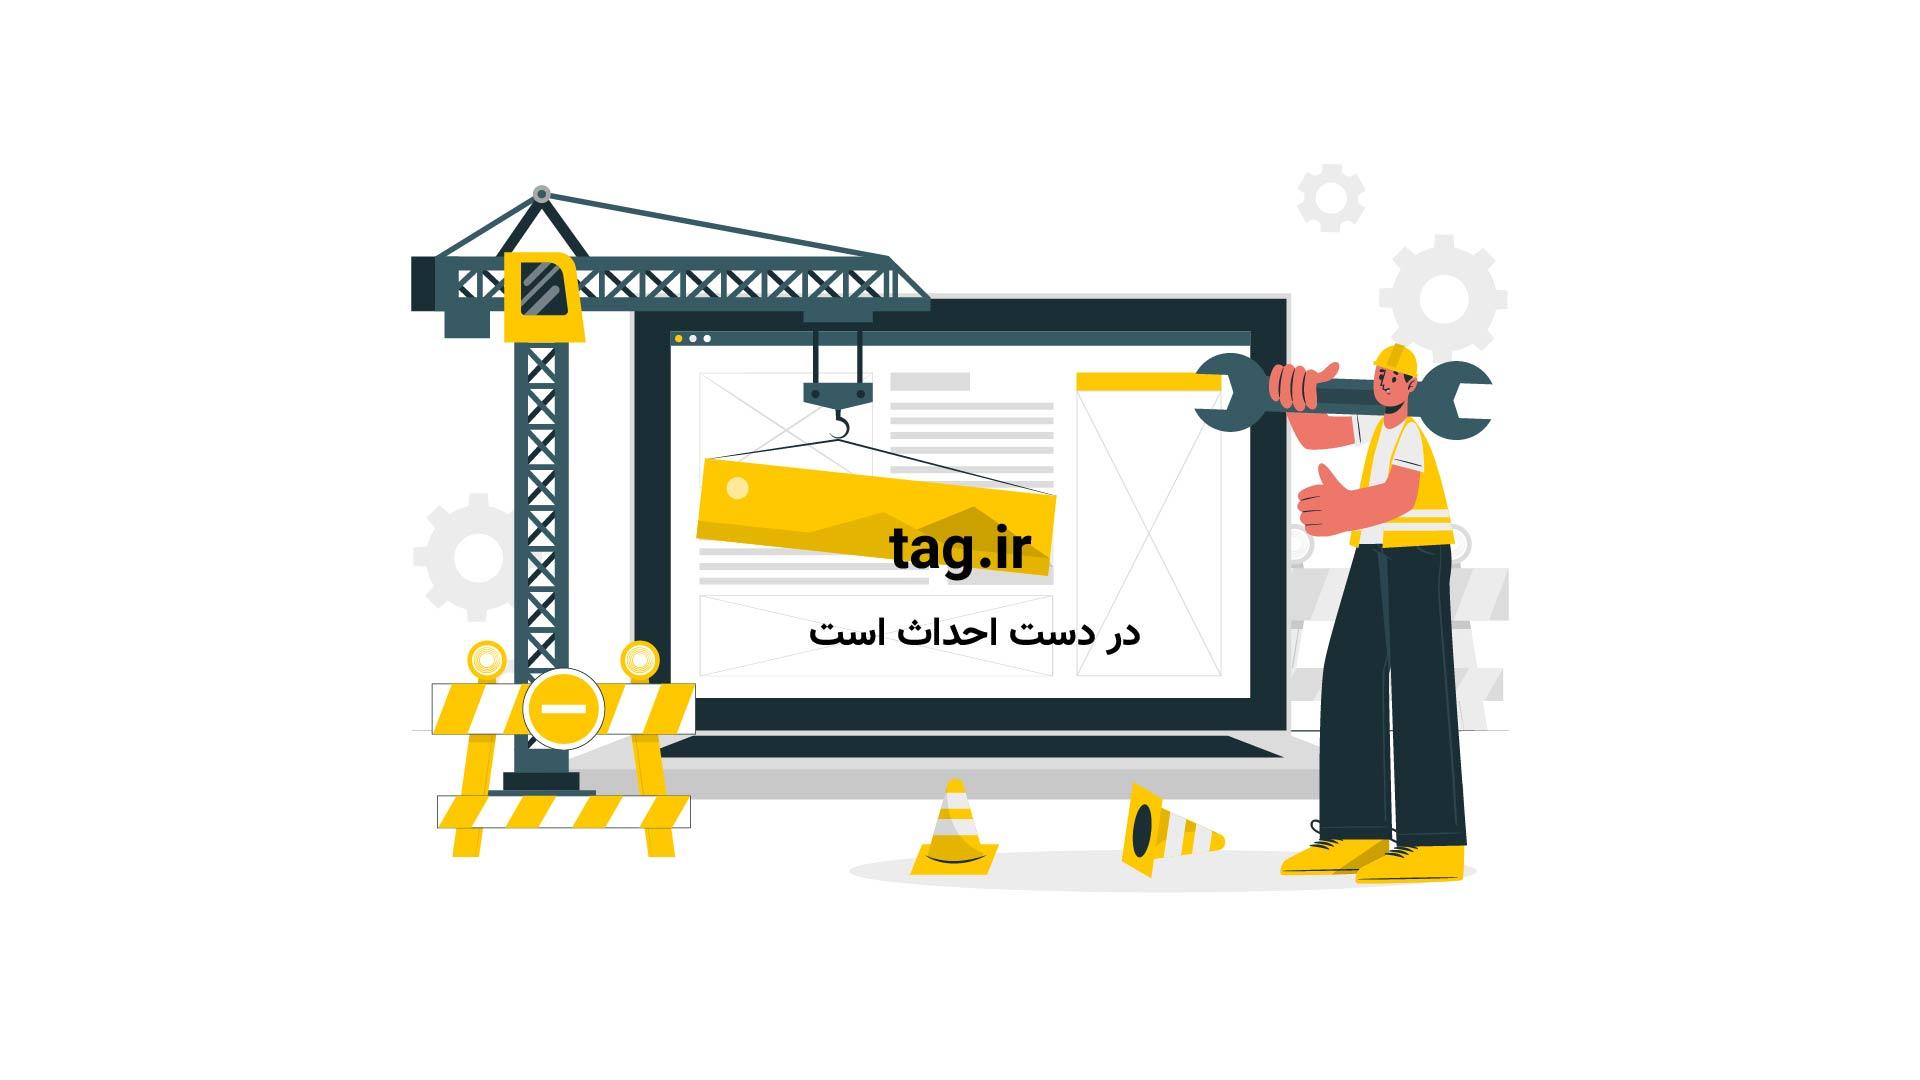 نماهنگی با شعر سید حمیدرضا برقعی به مناسبت ایام فاطمیه | فیلم